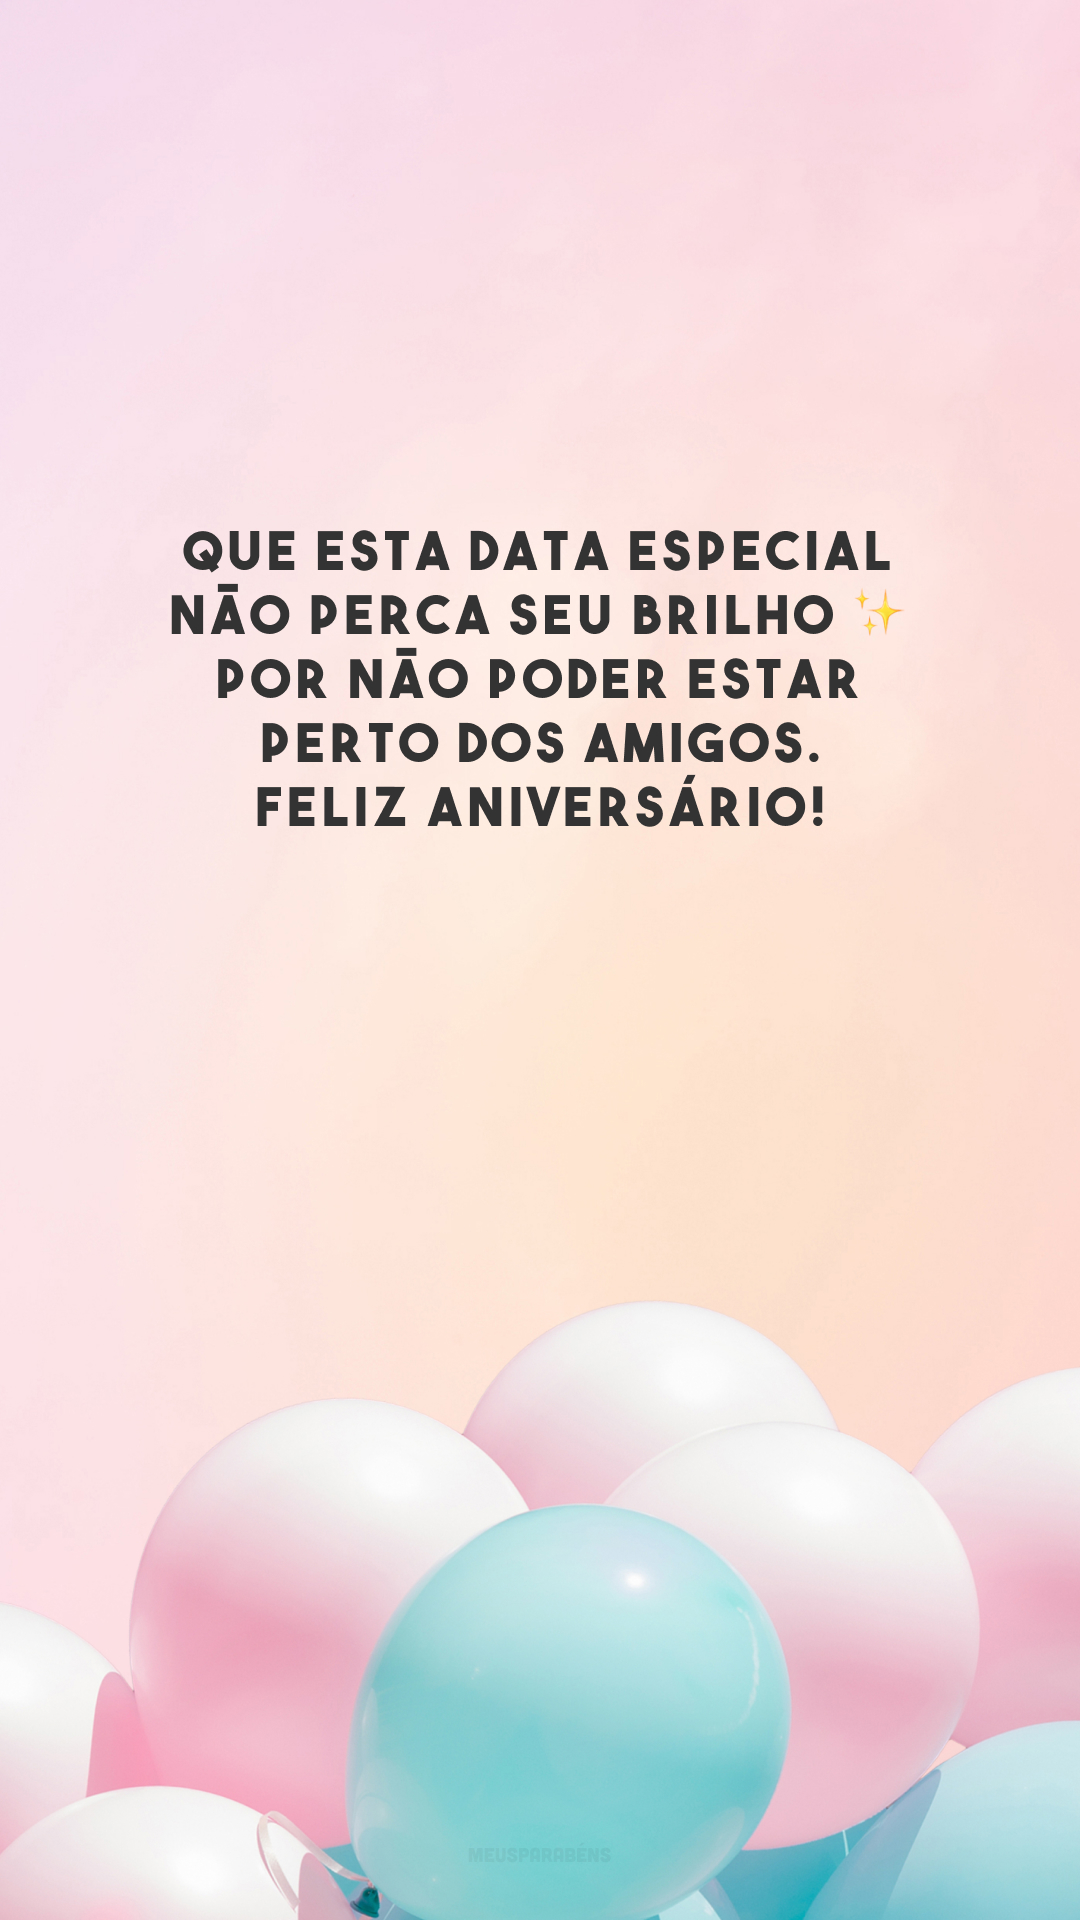 Que esta data especial não perca seu brilho ✨ por não poder estar perto dos amigos. Feliz aniversário!